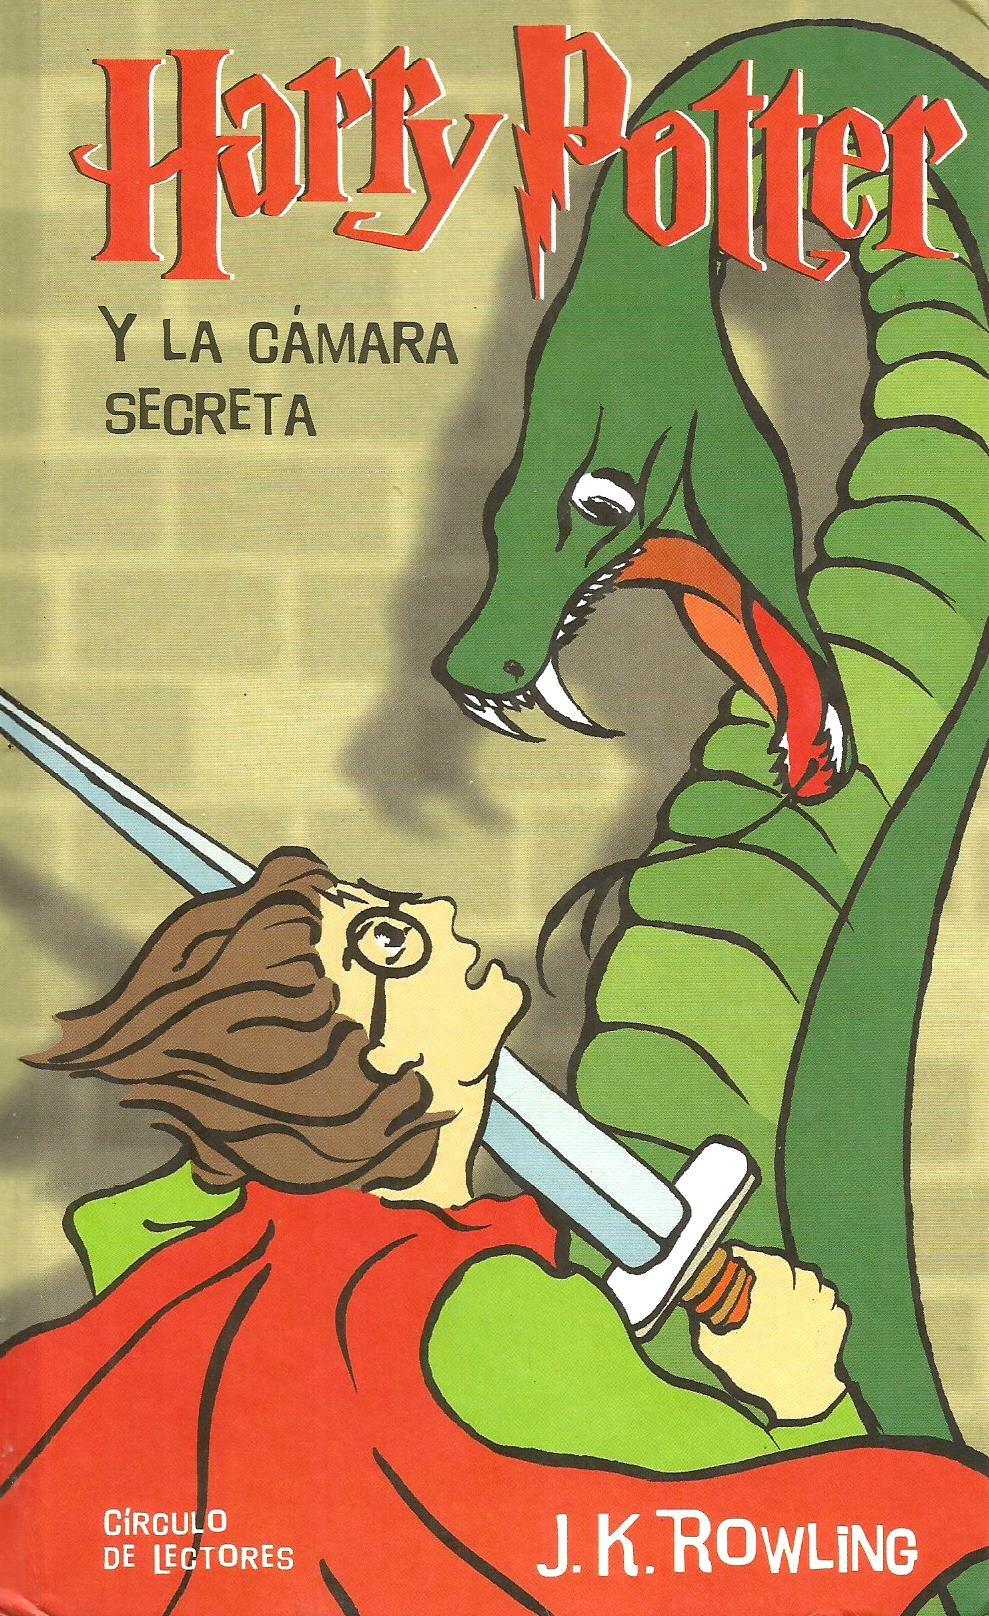 HARRY POTTER Y LA CAMARA SECRETA.: Amazon.es: Rowling,J.K. ...